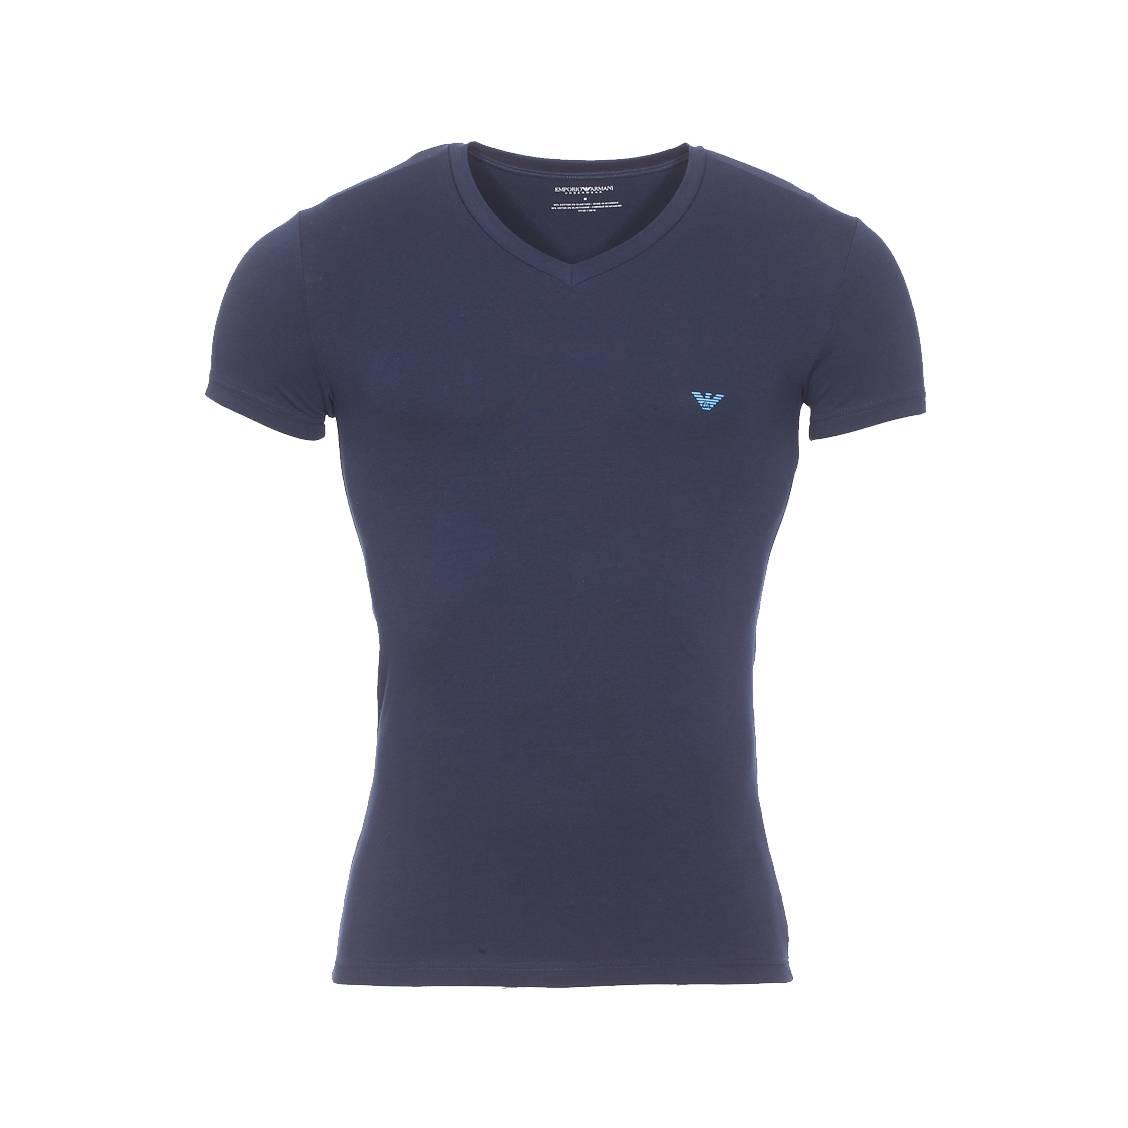 Tee-shirt col v  en coton stretch bleu marine floqué sur l\'arrière de l\'épaule